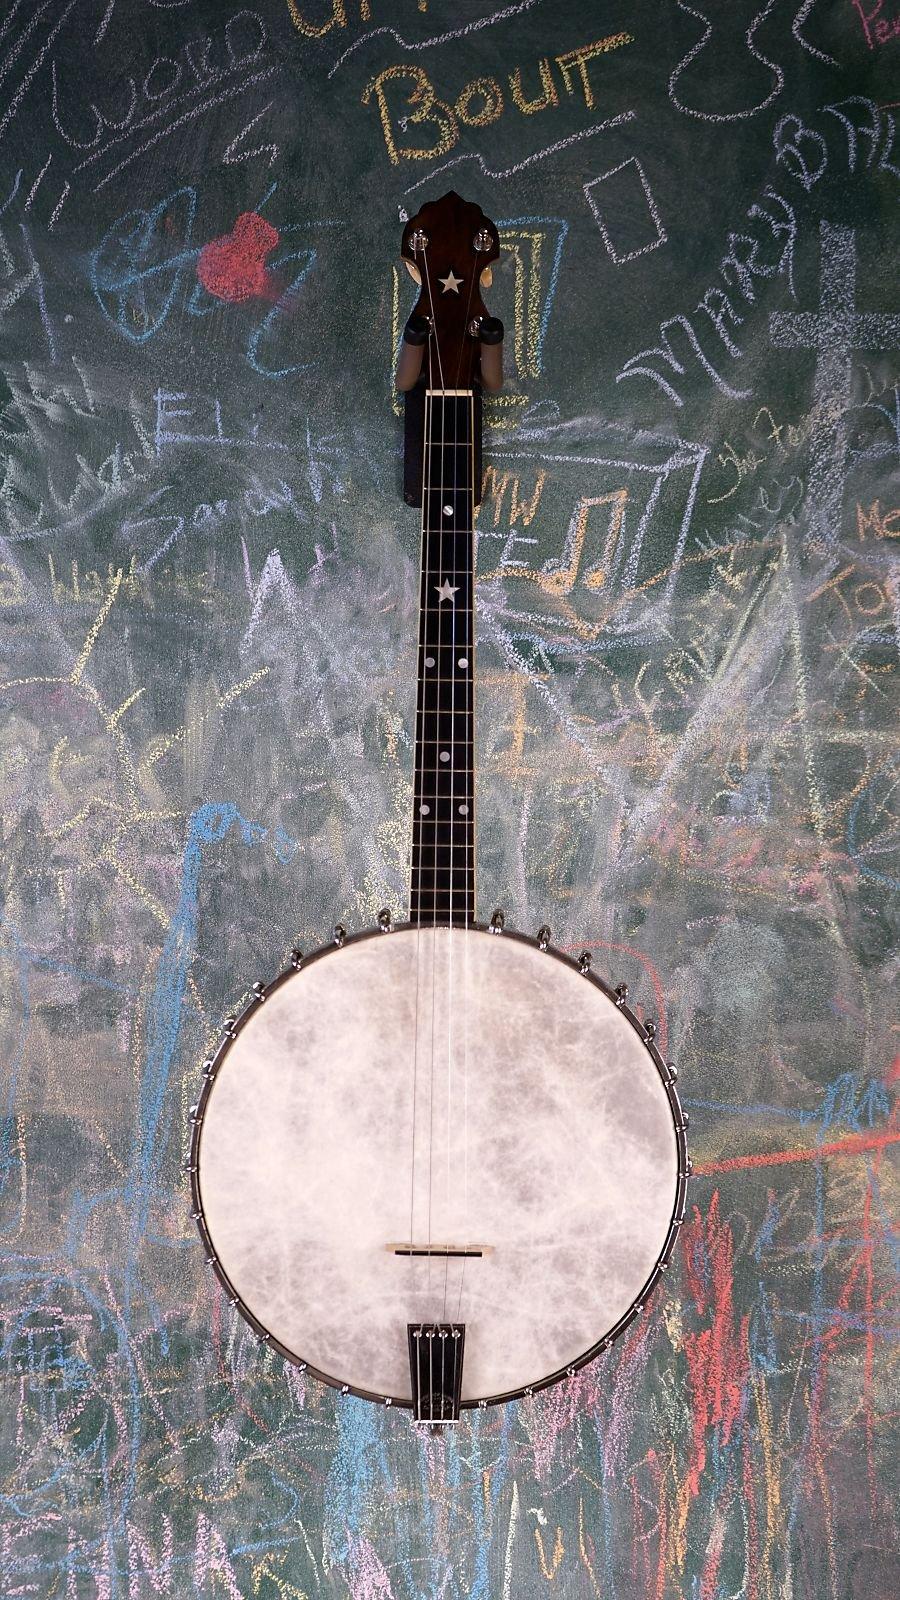 USED 1924 Vega Whyte Laydie Tenor Banjo w/ case